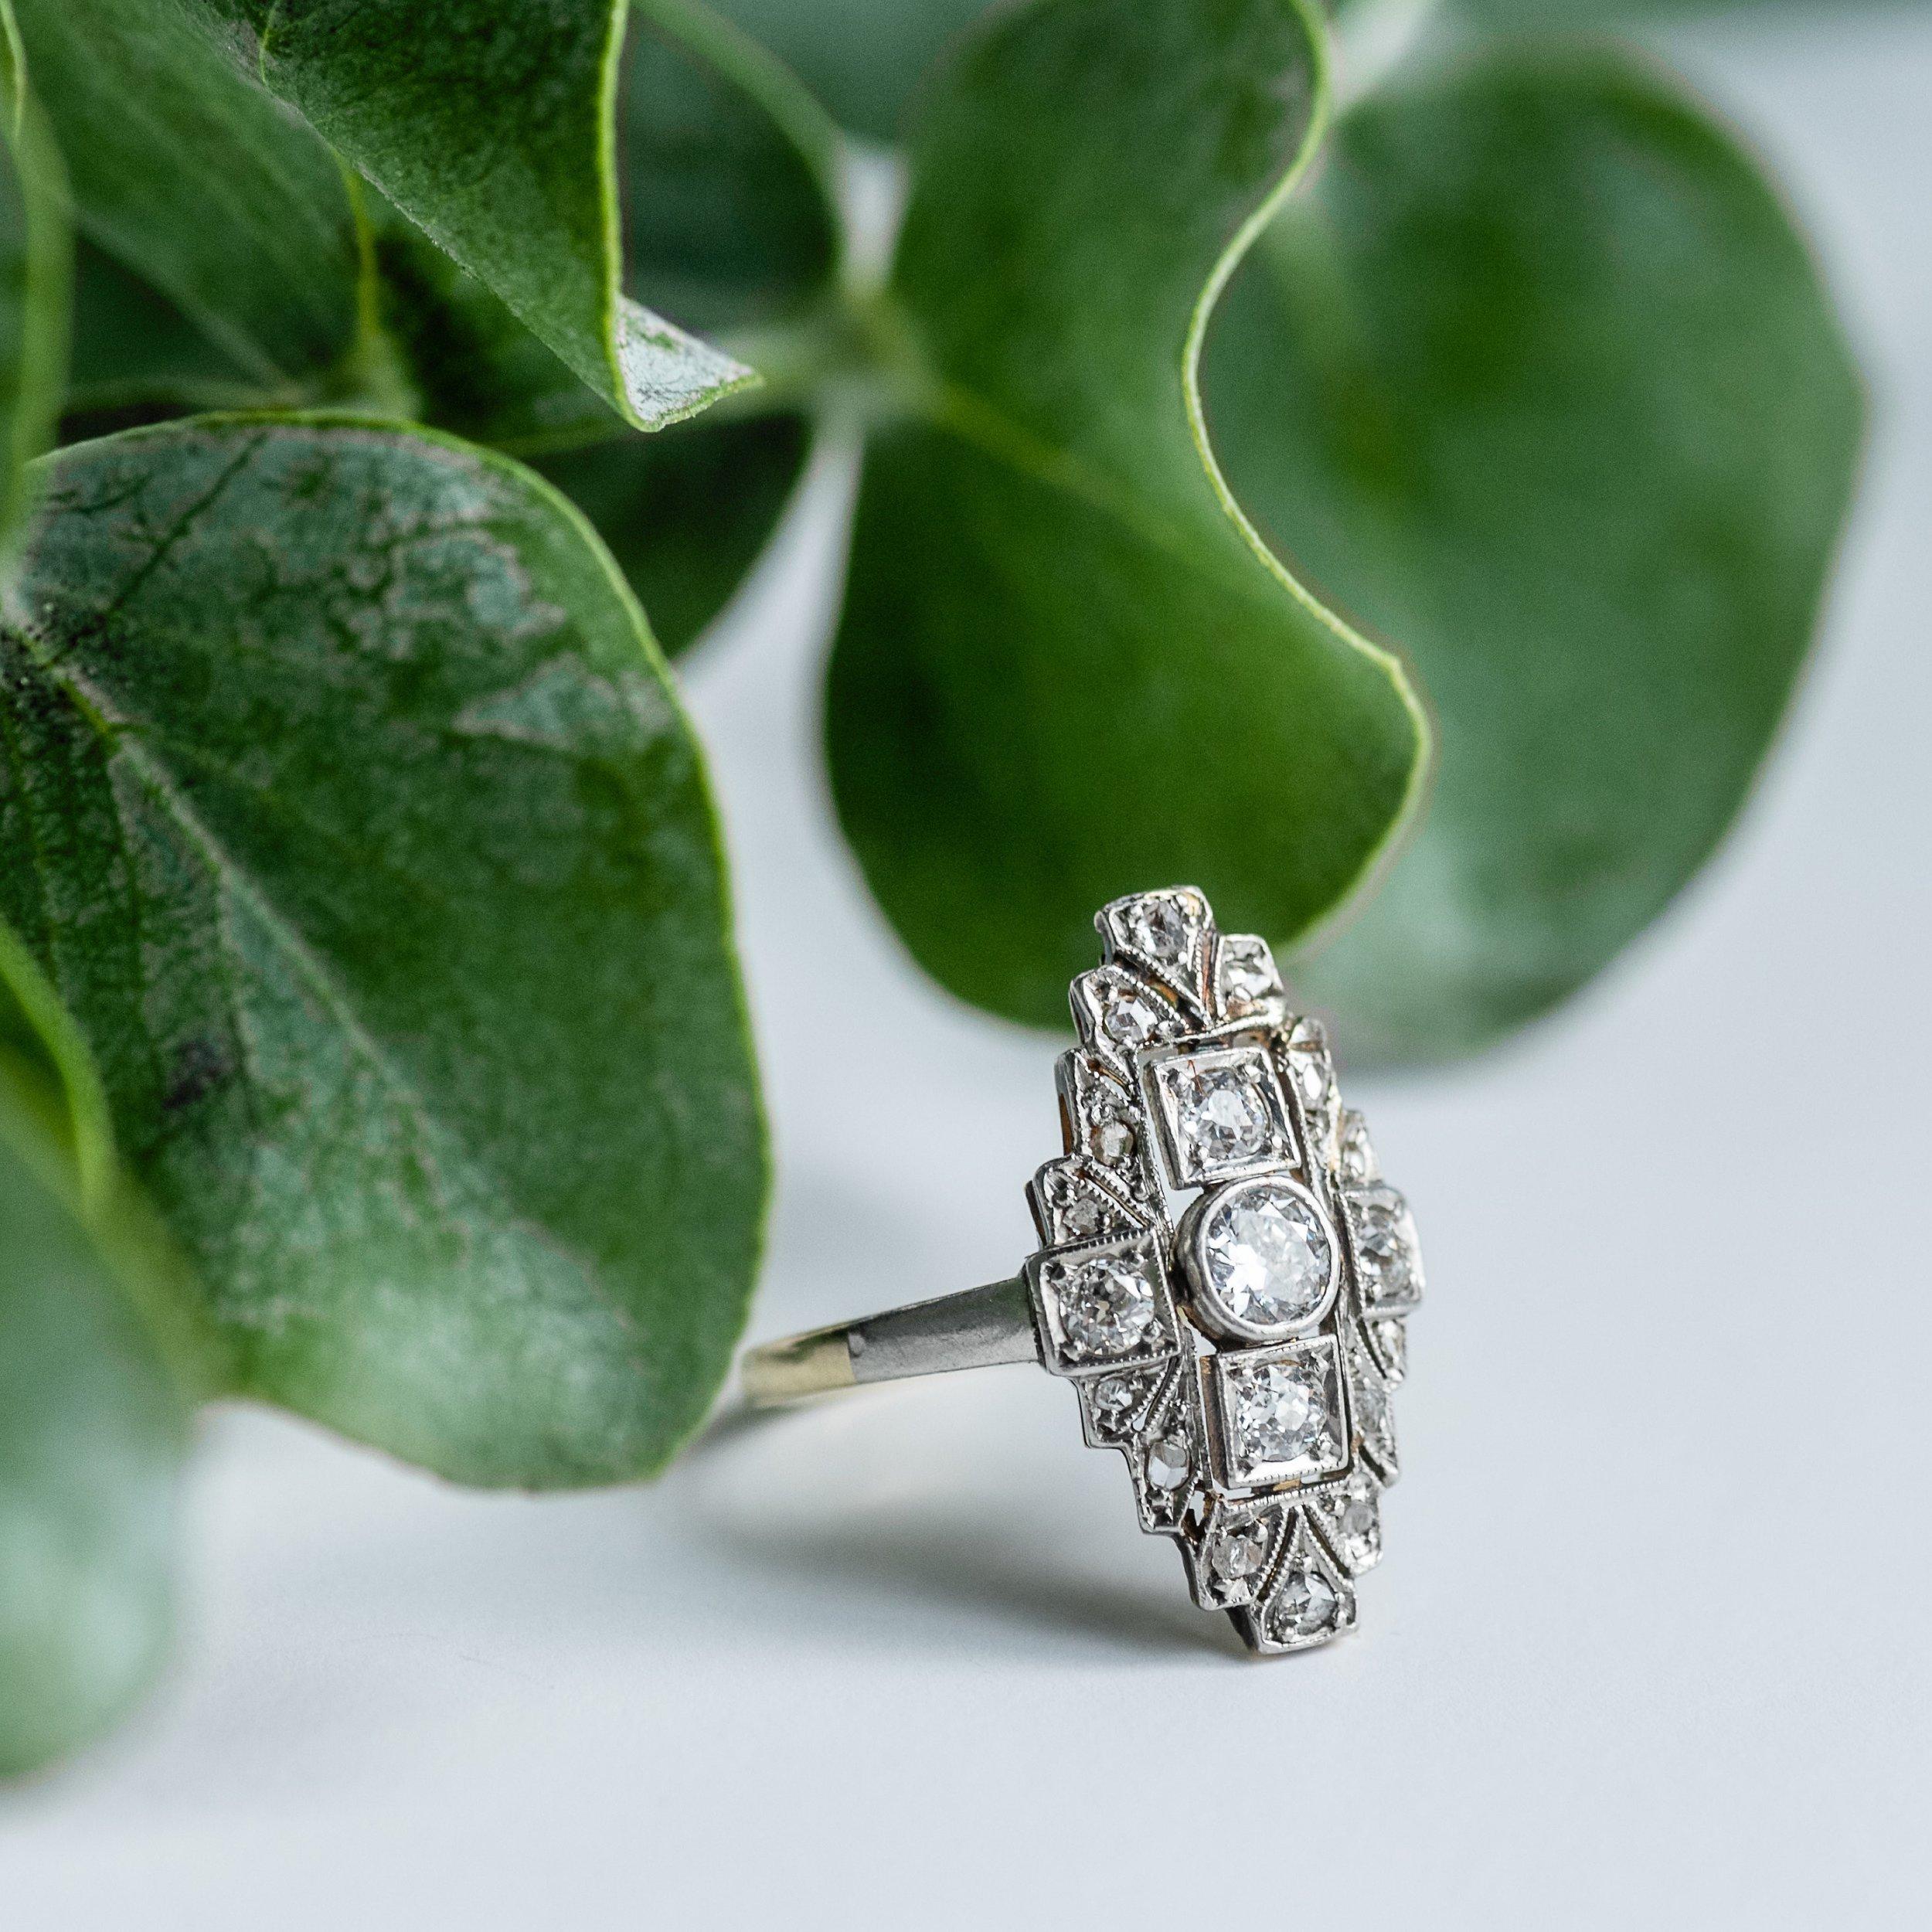 Beautiful Edwardian era elongated diamond ring featuring 1.25 carats of diamonds! Shop this beauty  HERE .